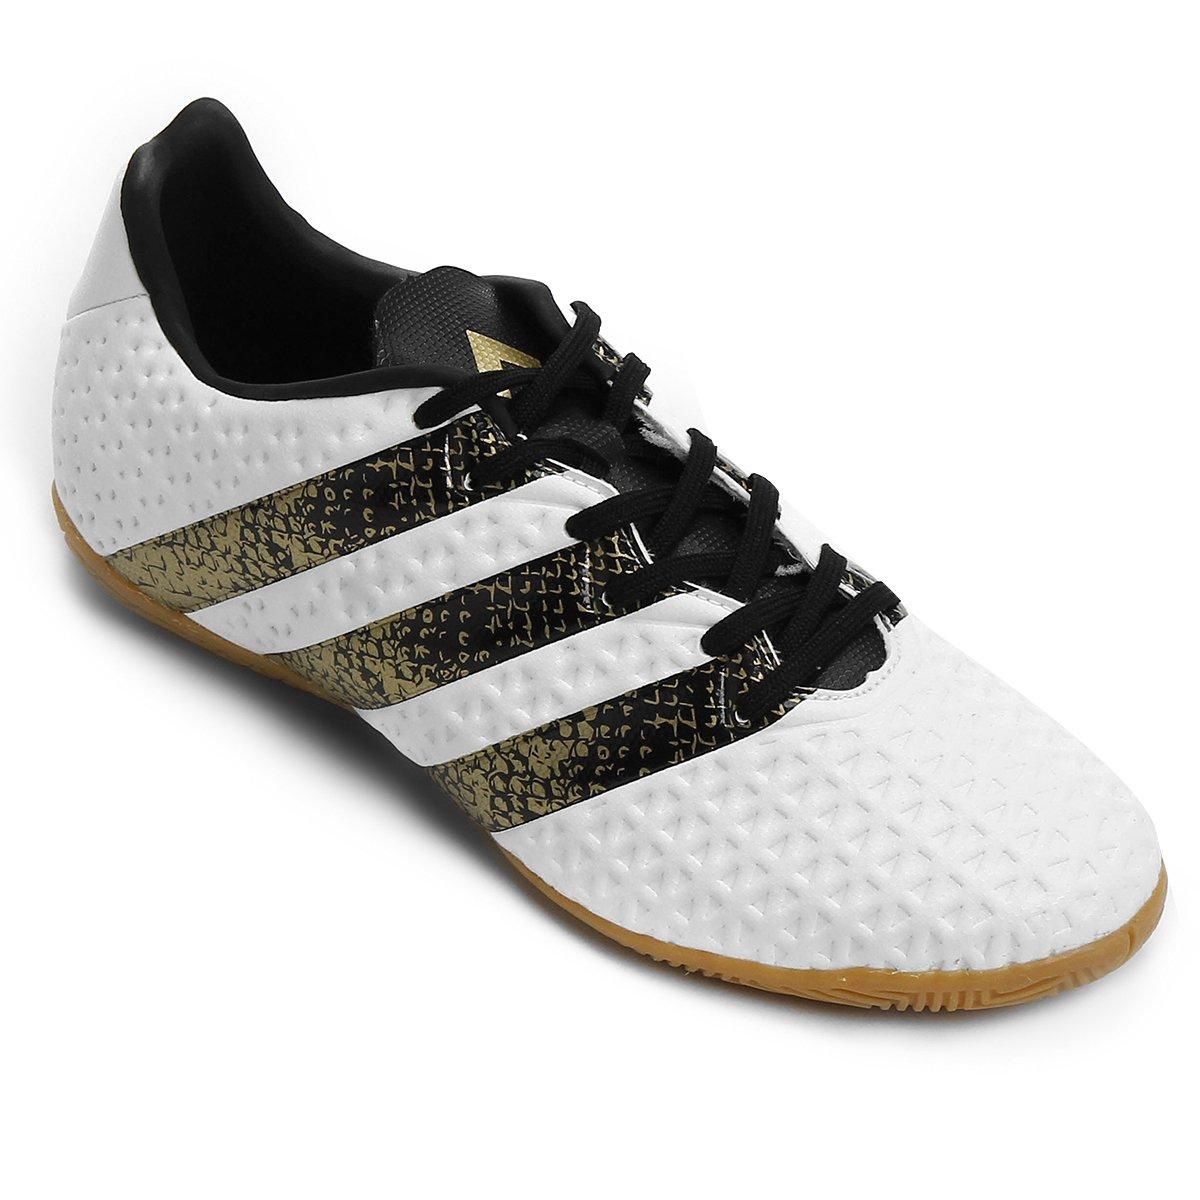 eee90e2c12528 Chuteira Futsal Adidas Ace 16.4 IN - Branco e Preto - Compre Agora ...